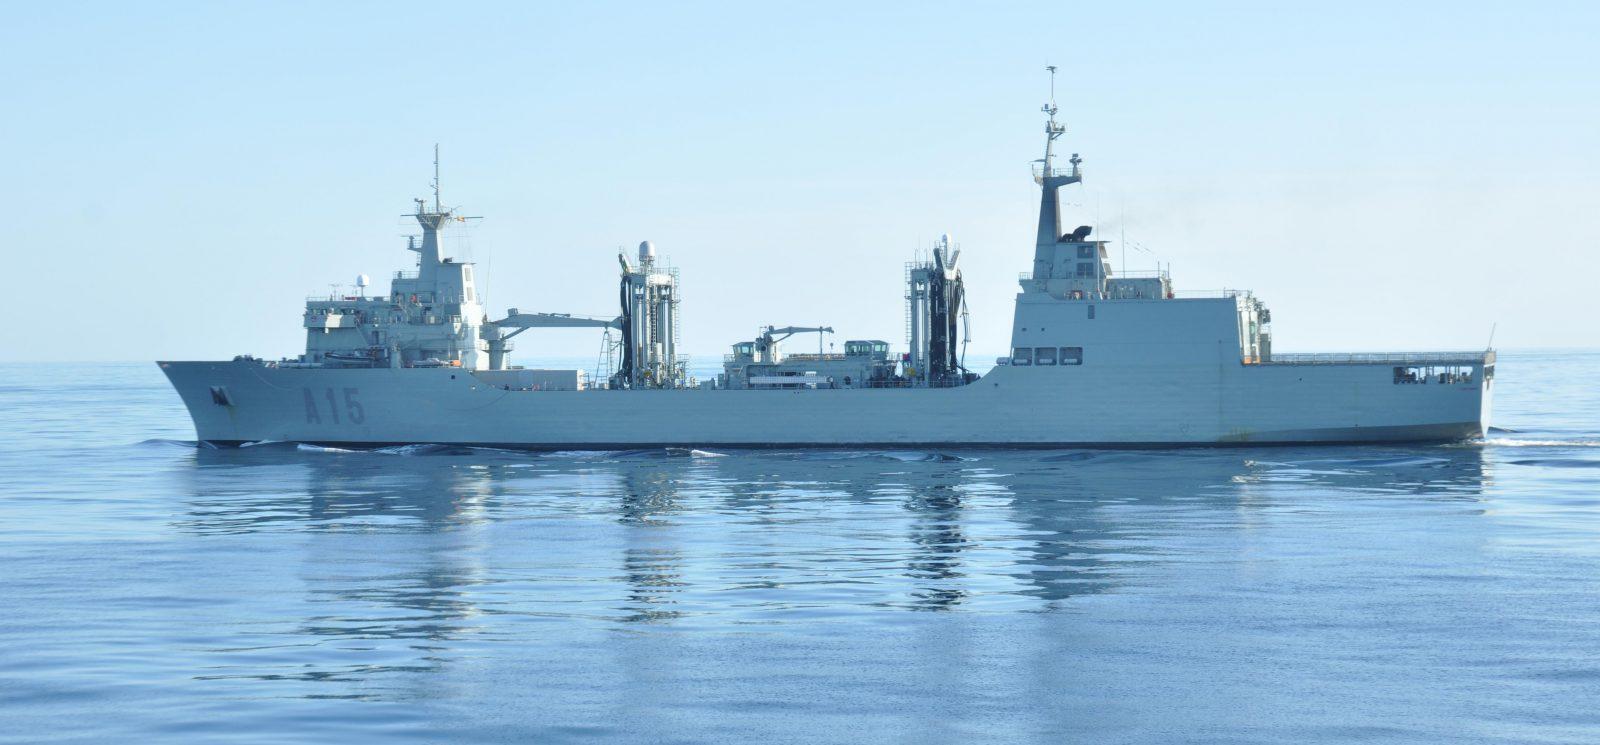 RAS(L) between HMAS Parramatta and SPS Cantabria in the Timor Sea.